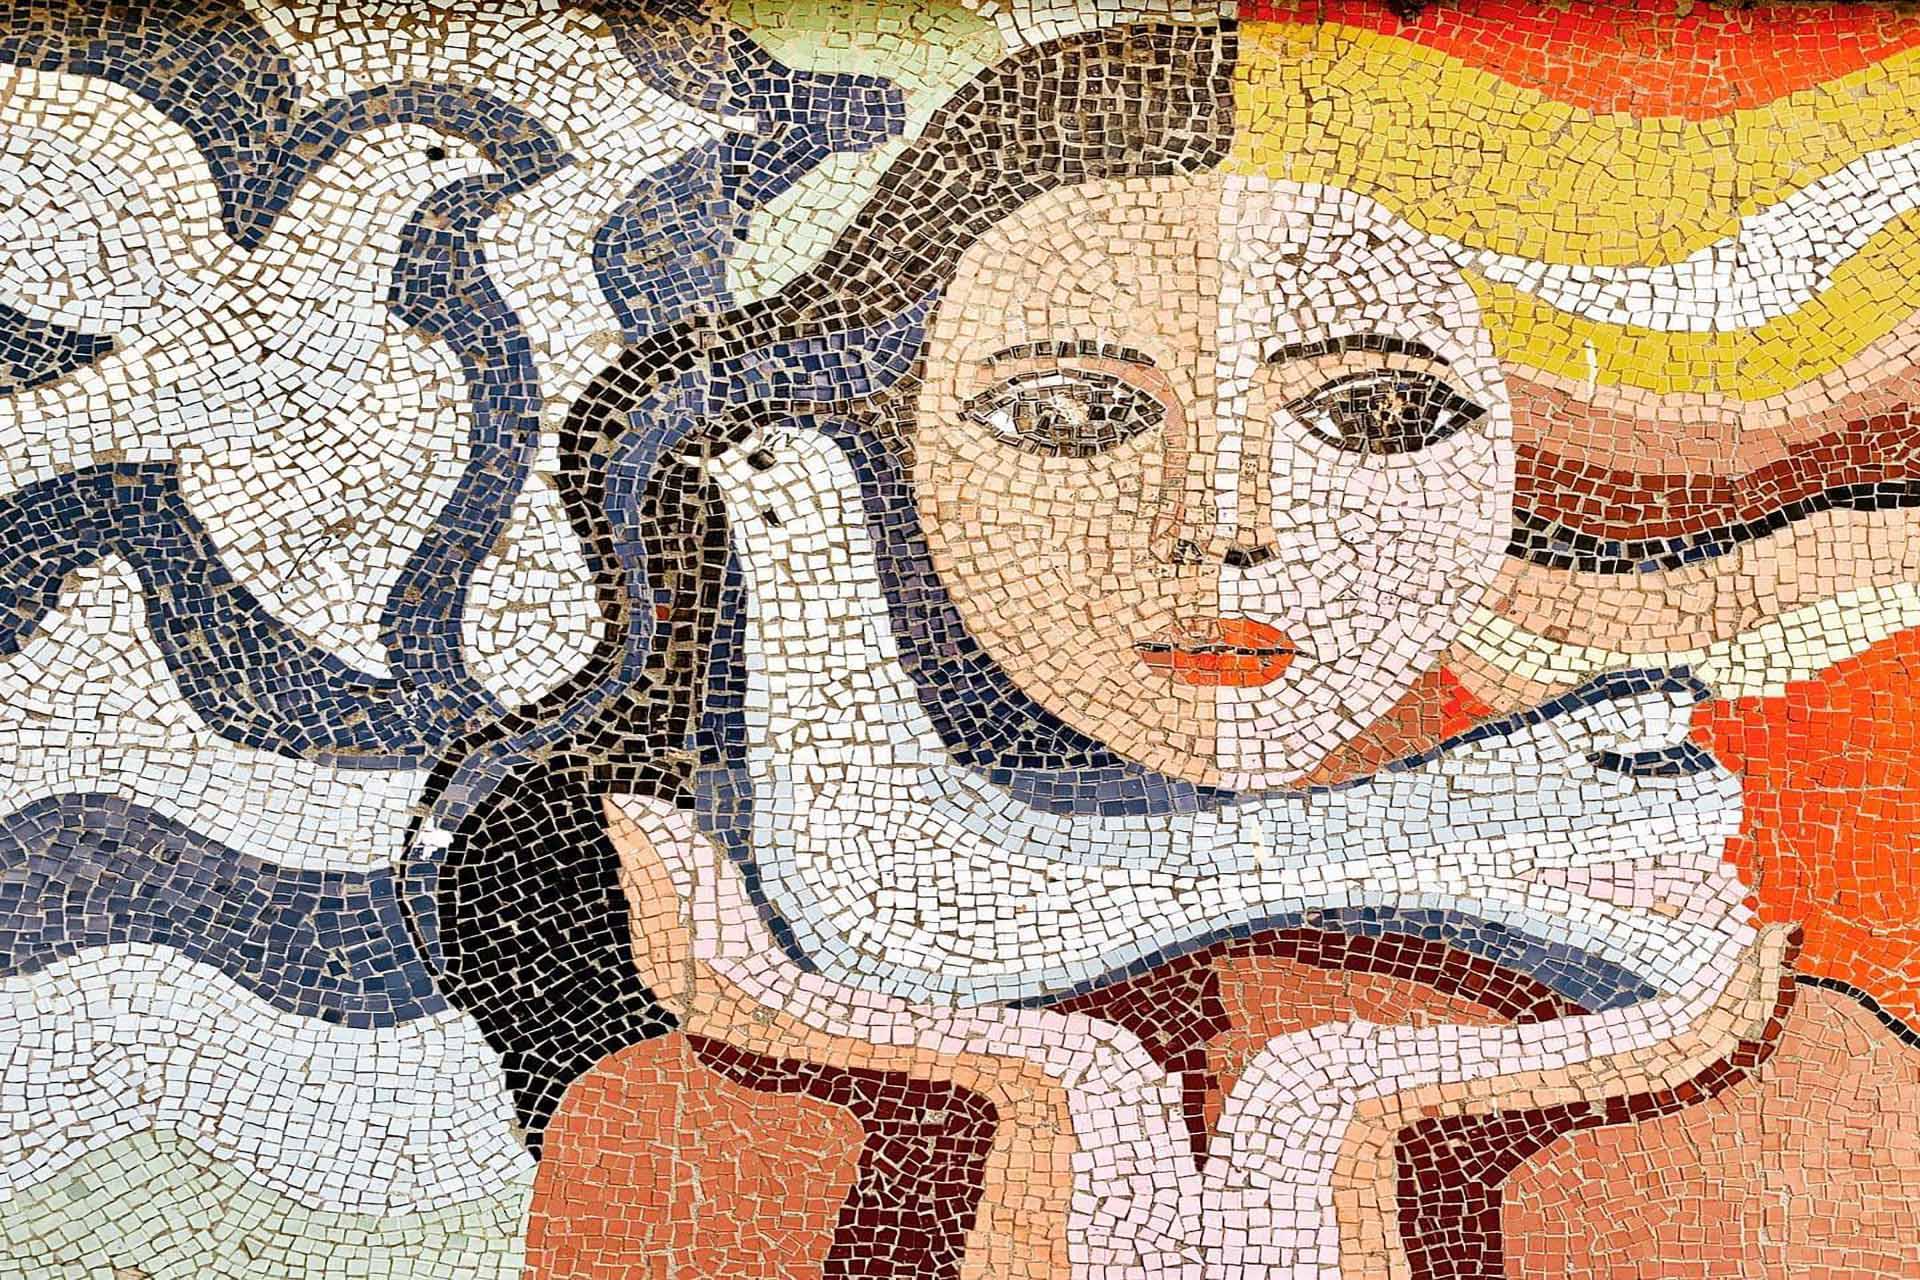 Mosaic tile of a women holding a bird